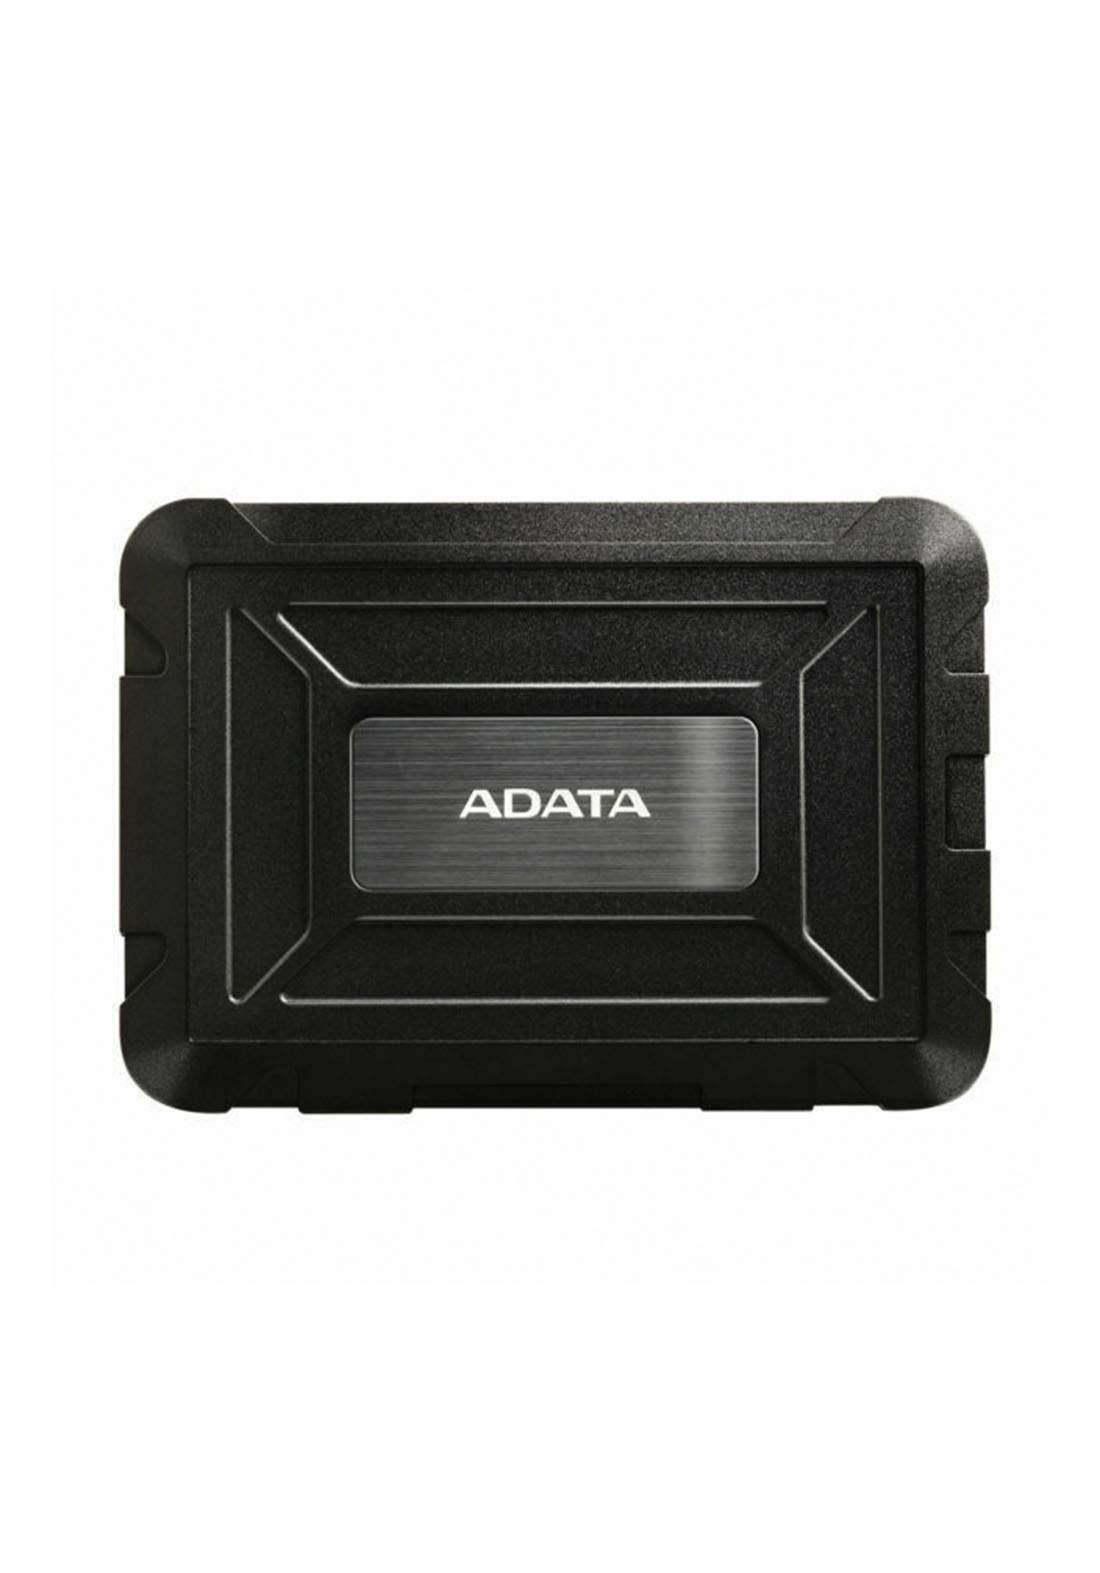 ADATA ED600 2.5 Inch USB 3.0 External Hard Drive- Black حافظة هارد خارجي